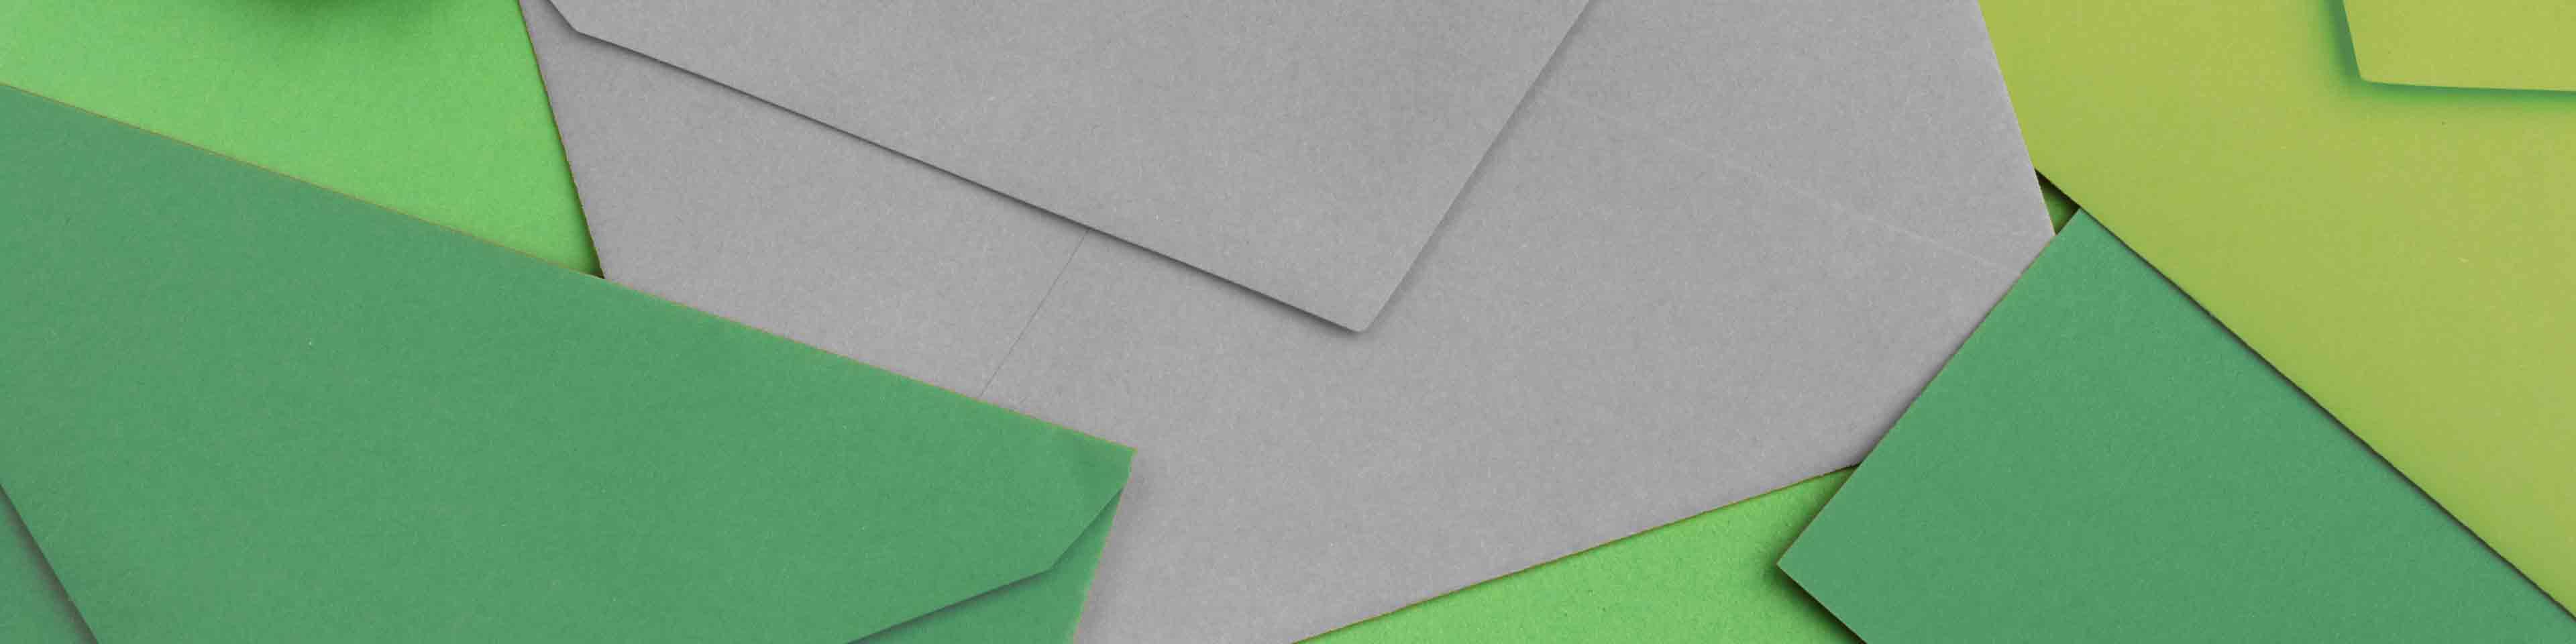 banner afbeelding voor contactpagina, weergave: enveloppen in tinten groen en grijs